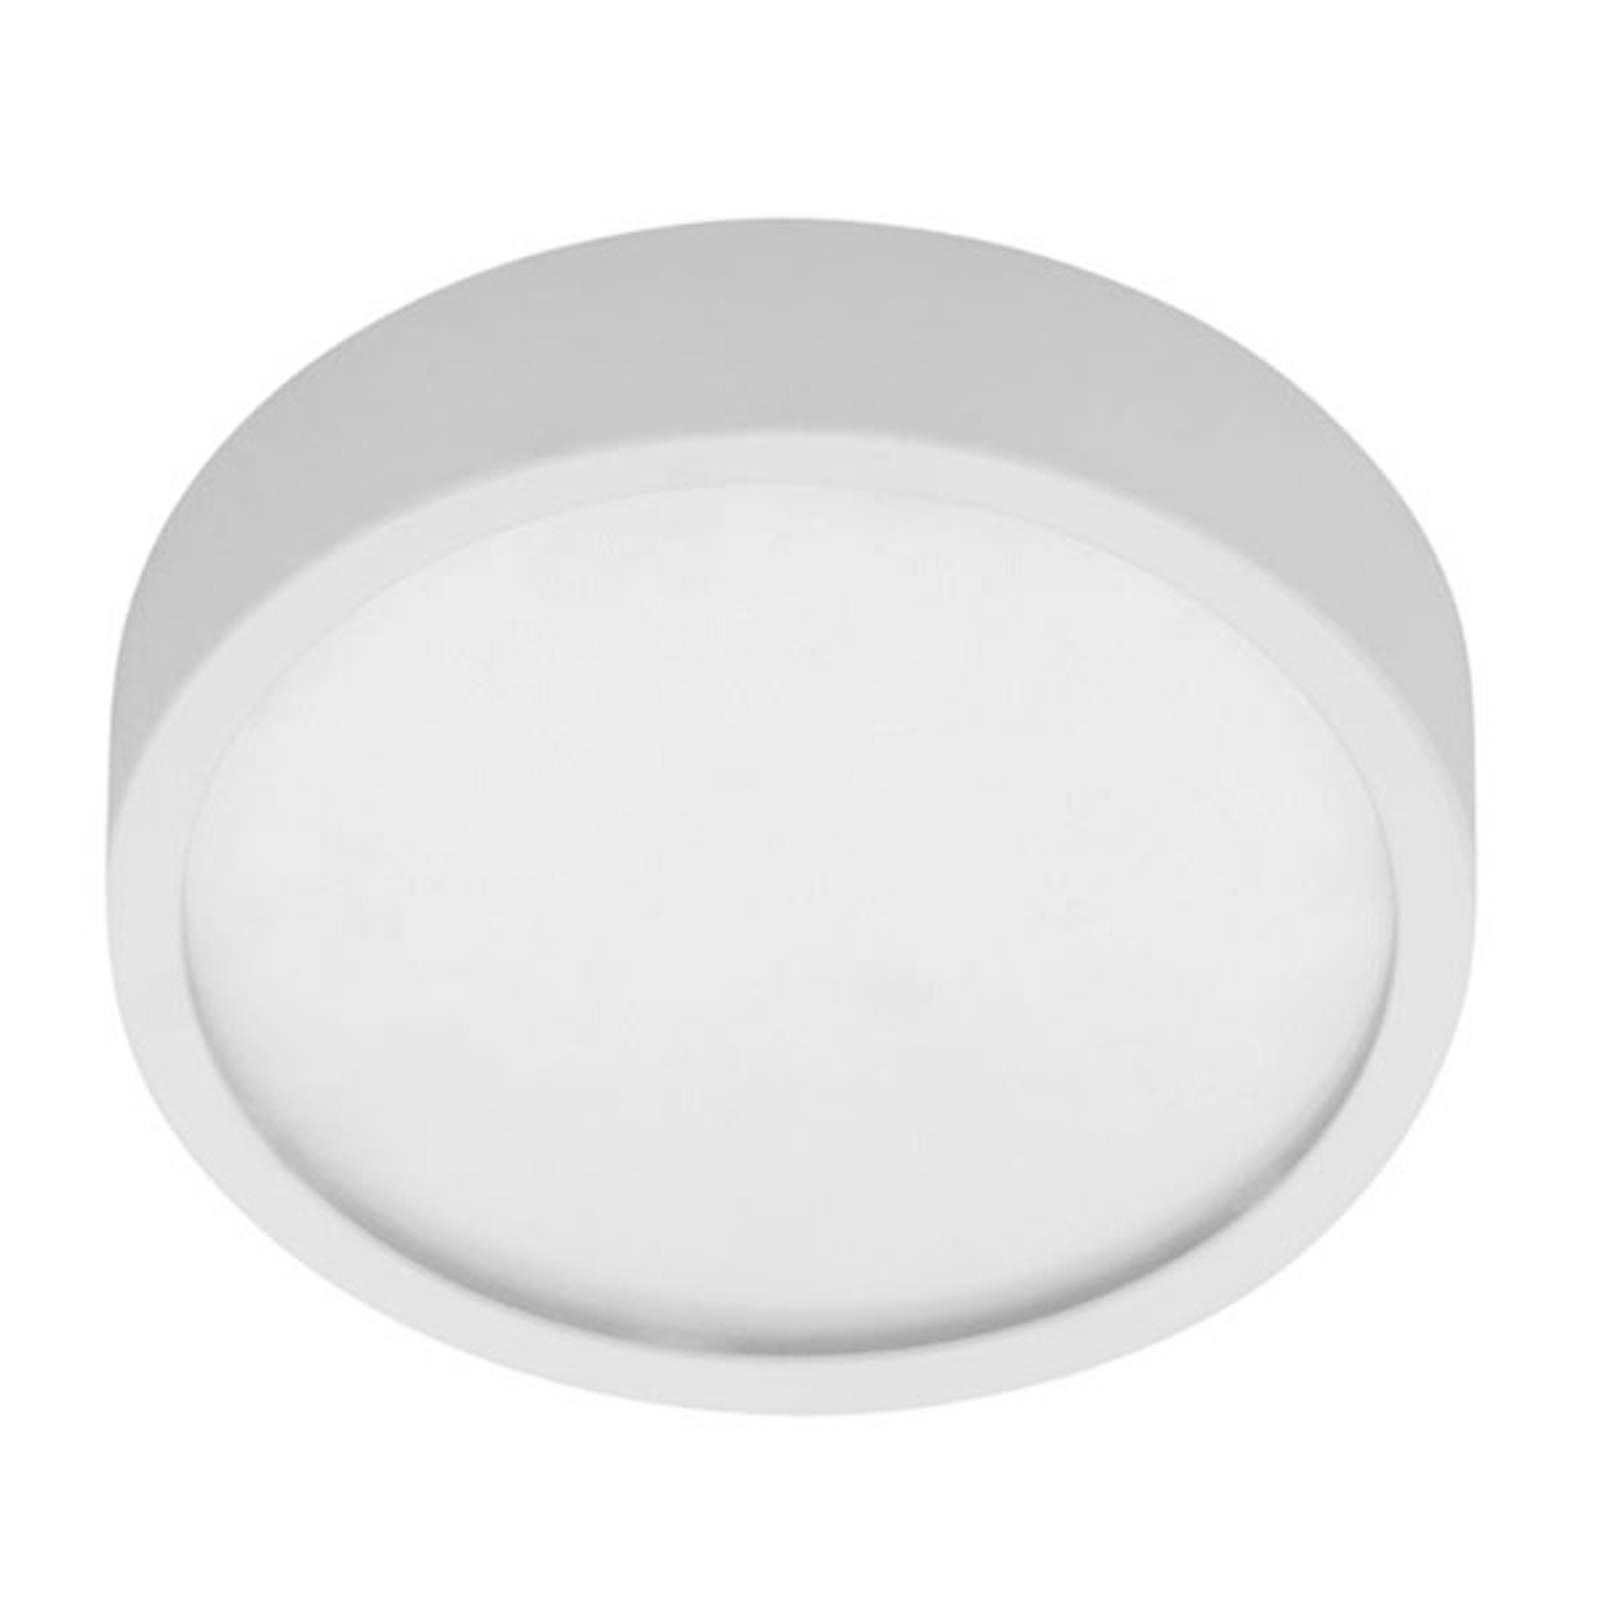 BAP-geschikte LED plafondlamp, 27 W 4.000K